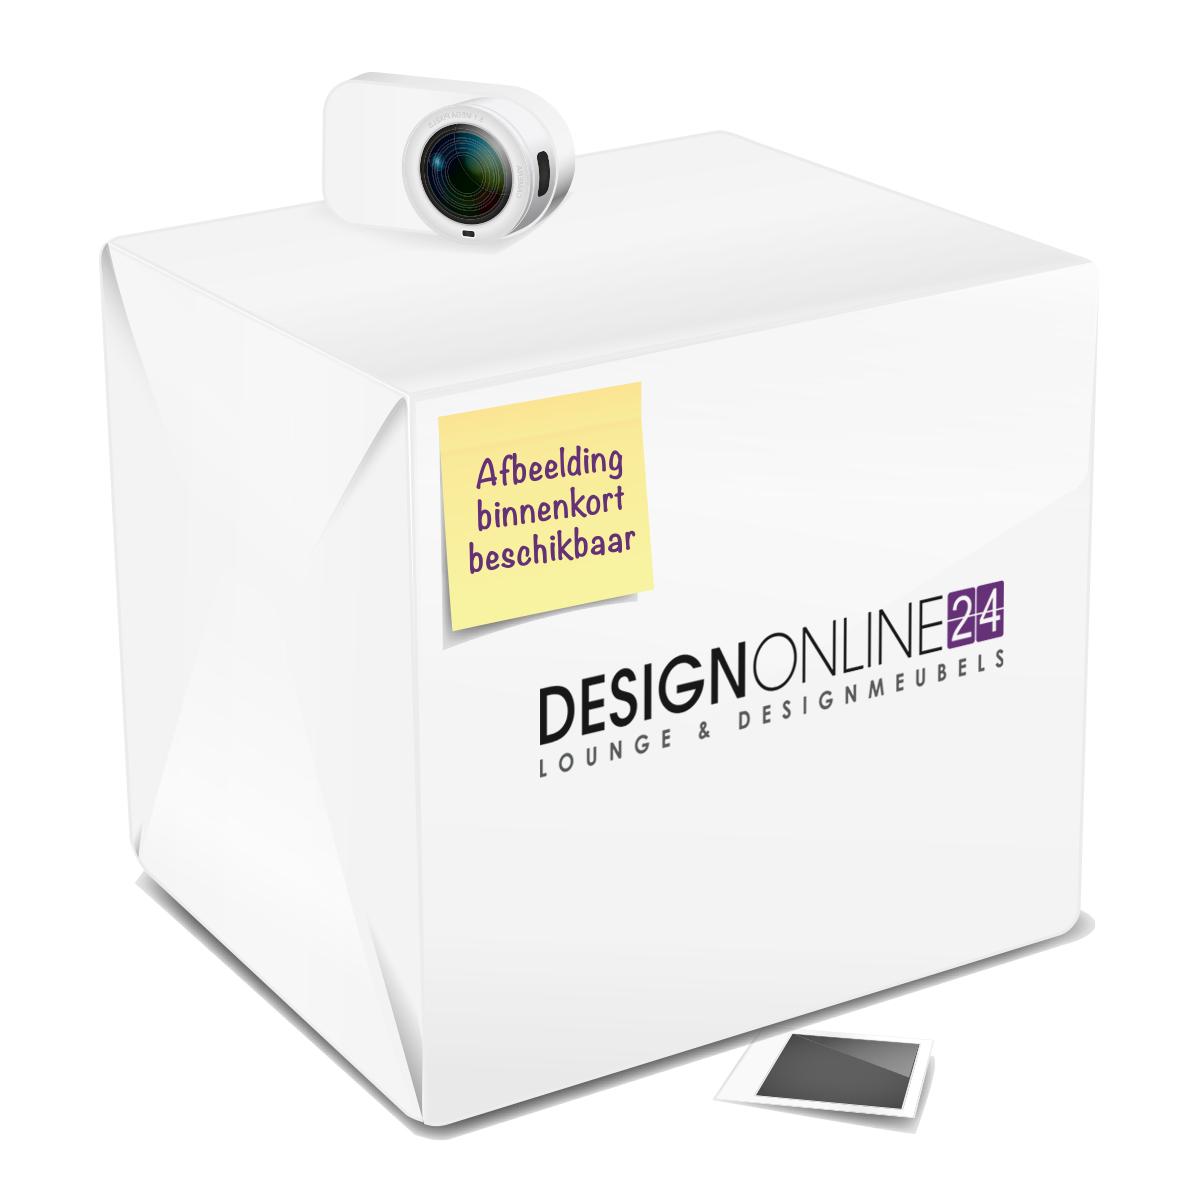 24Designs 24Designs Loungeset voor 4 Personen - Marina - Bruin/Grijs Polyrattan Wicker met Crème witte kussens